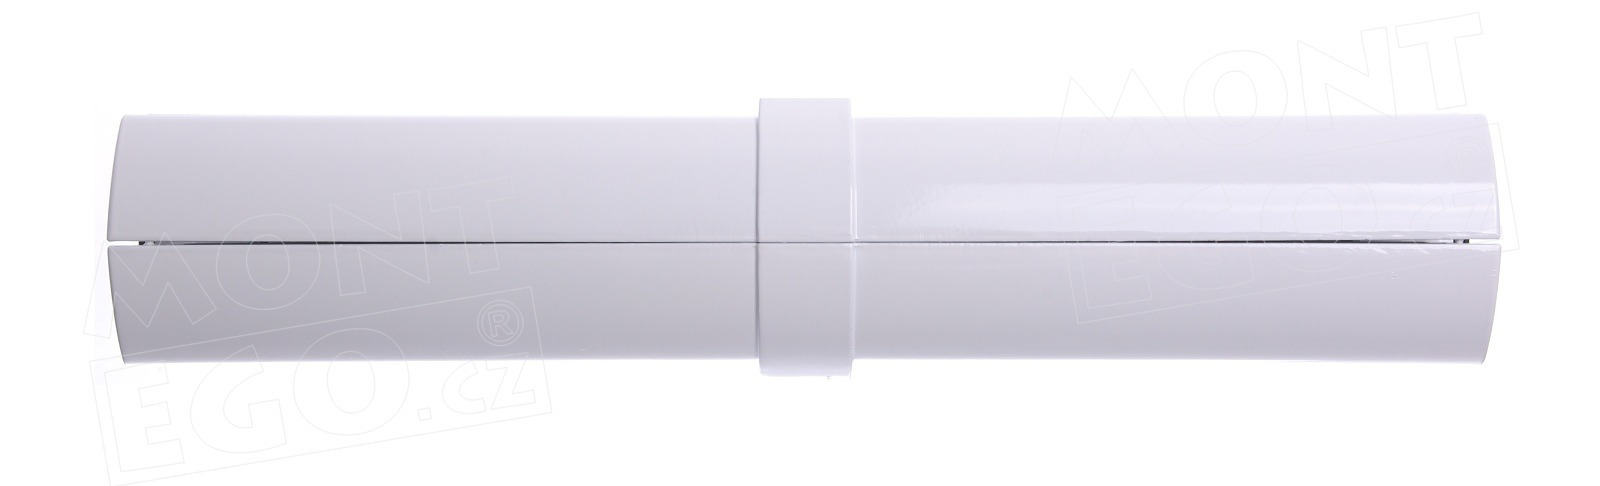 Nice XBA9 spojovací díl pro prodloužení ramena závory